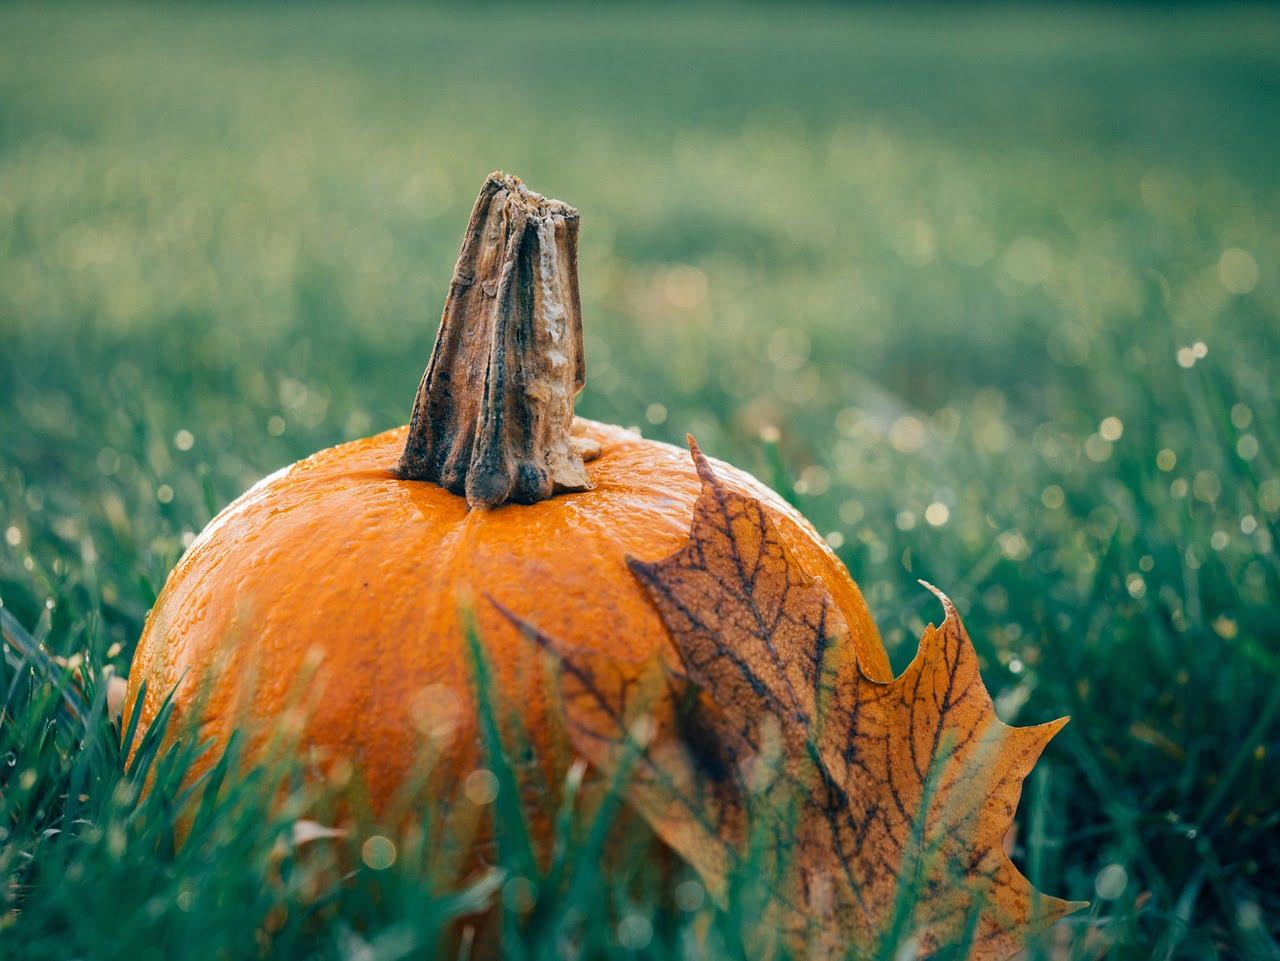 Dynia leży na trawie, obok żółty liść